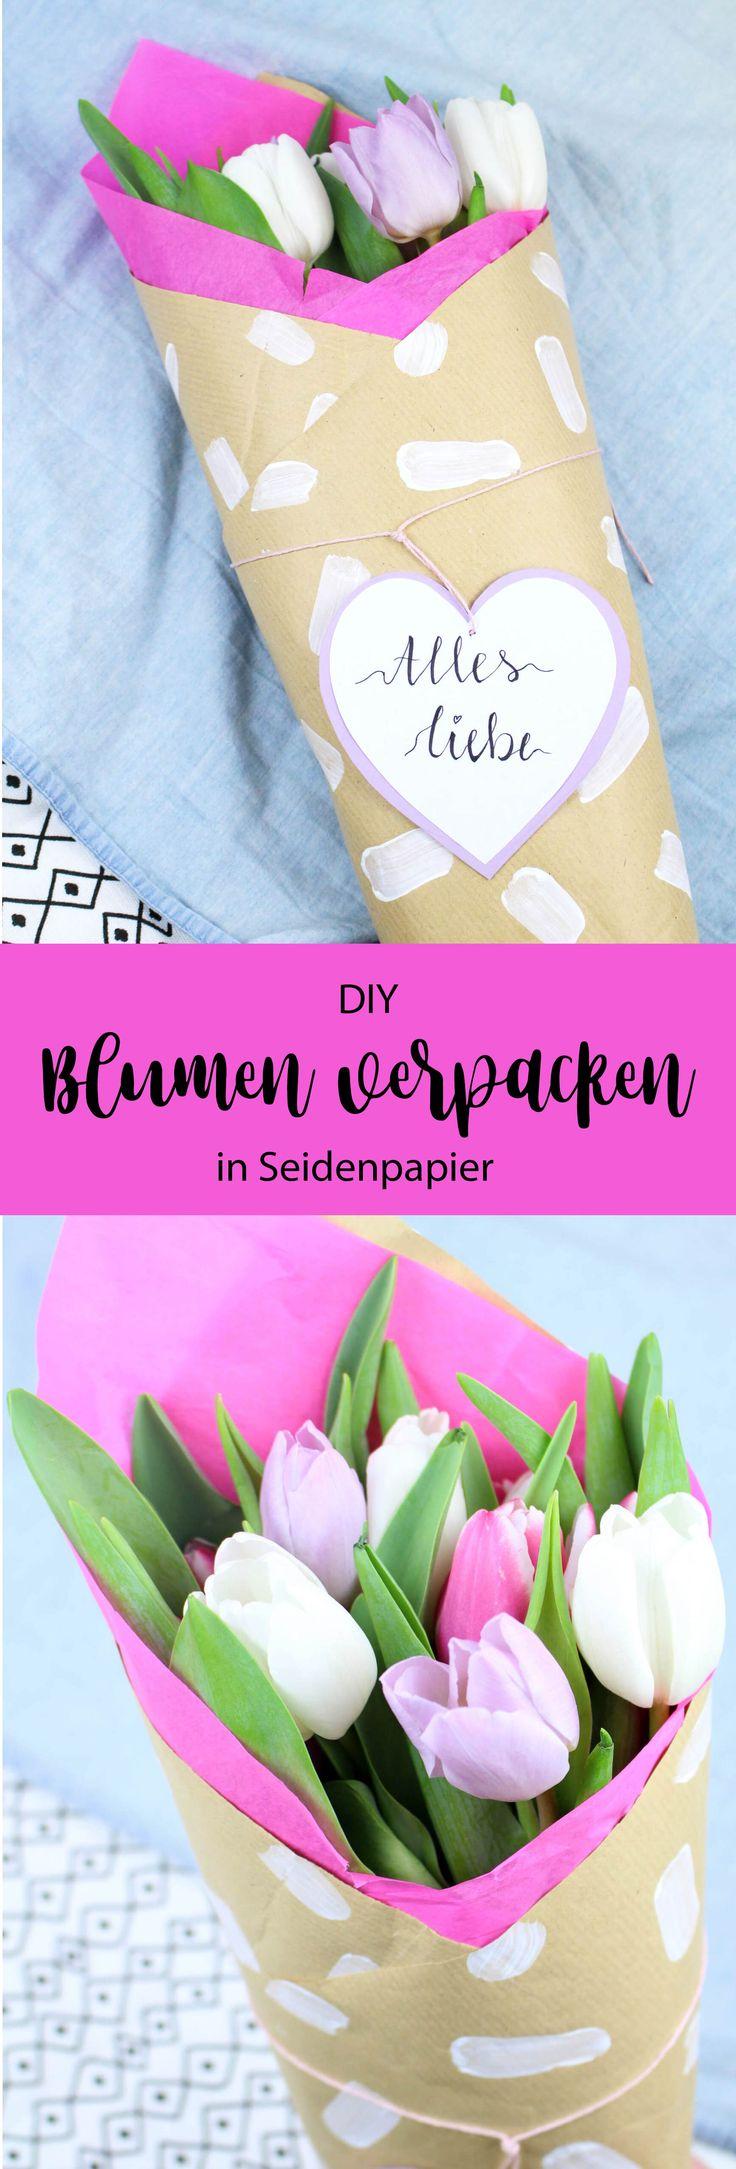 DIY Geschenkverpackung für Blumen: So verpackst du Blumen und Blumensträuße liebevoll in Seidenpapier und Kraftpapier. Ideal als Geschenkidee und Mitbringsel zum Geburtstag, zur Hochzeit, für deine Freunde, deine Familie und deine Liebsten. In einem einfachen DIY Tutorial erfährst du wie man die Blumen hübsch verpackt.